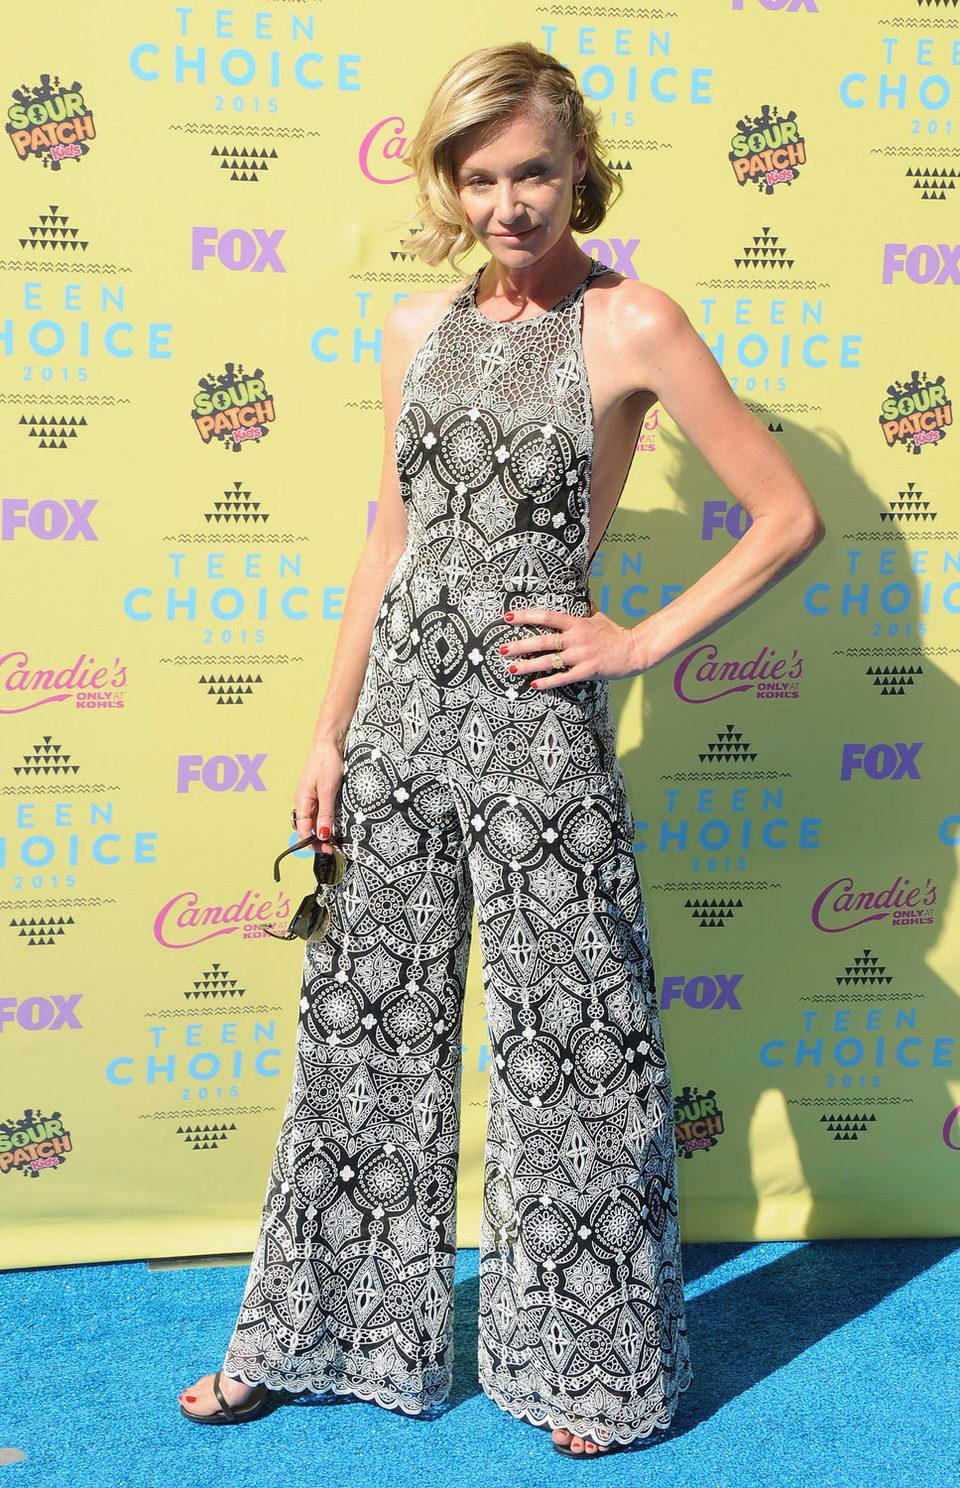 La actriz Portia de Rossi posa en los Teen Choice Awards 2015